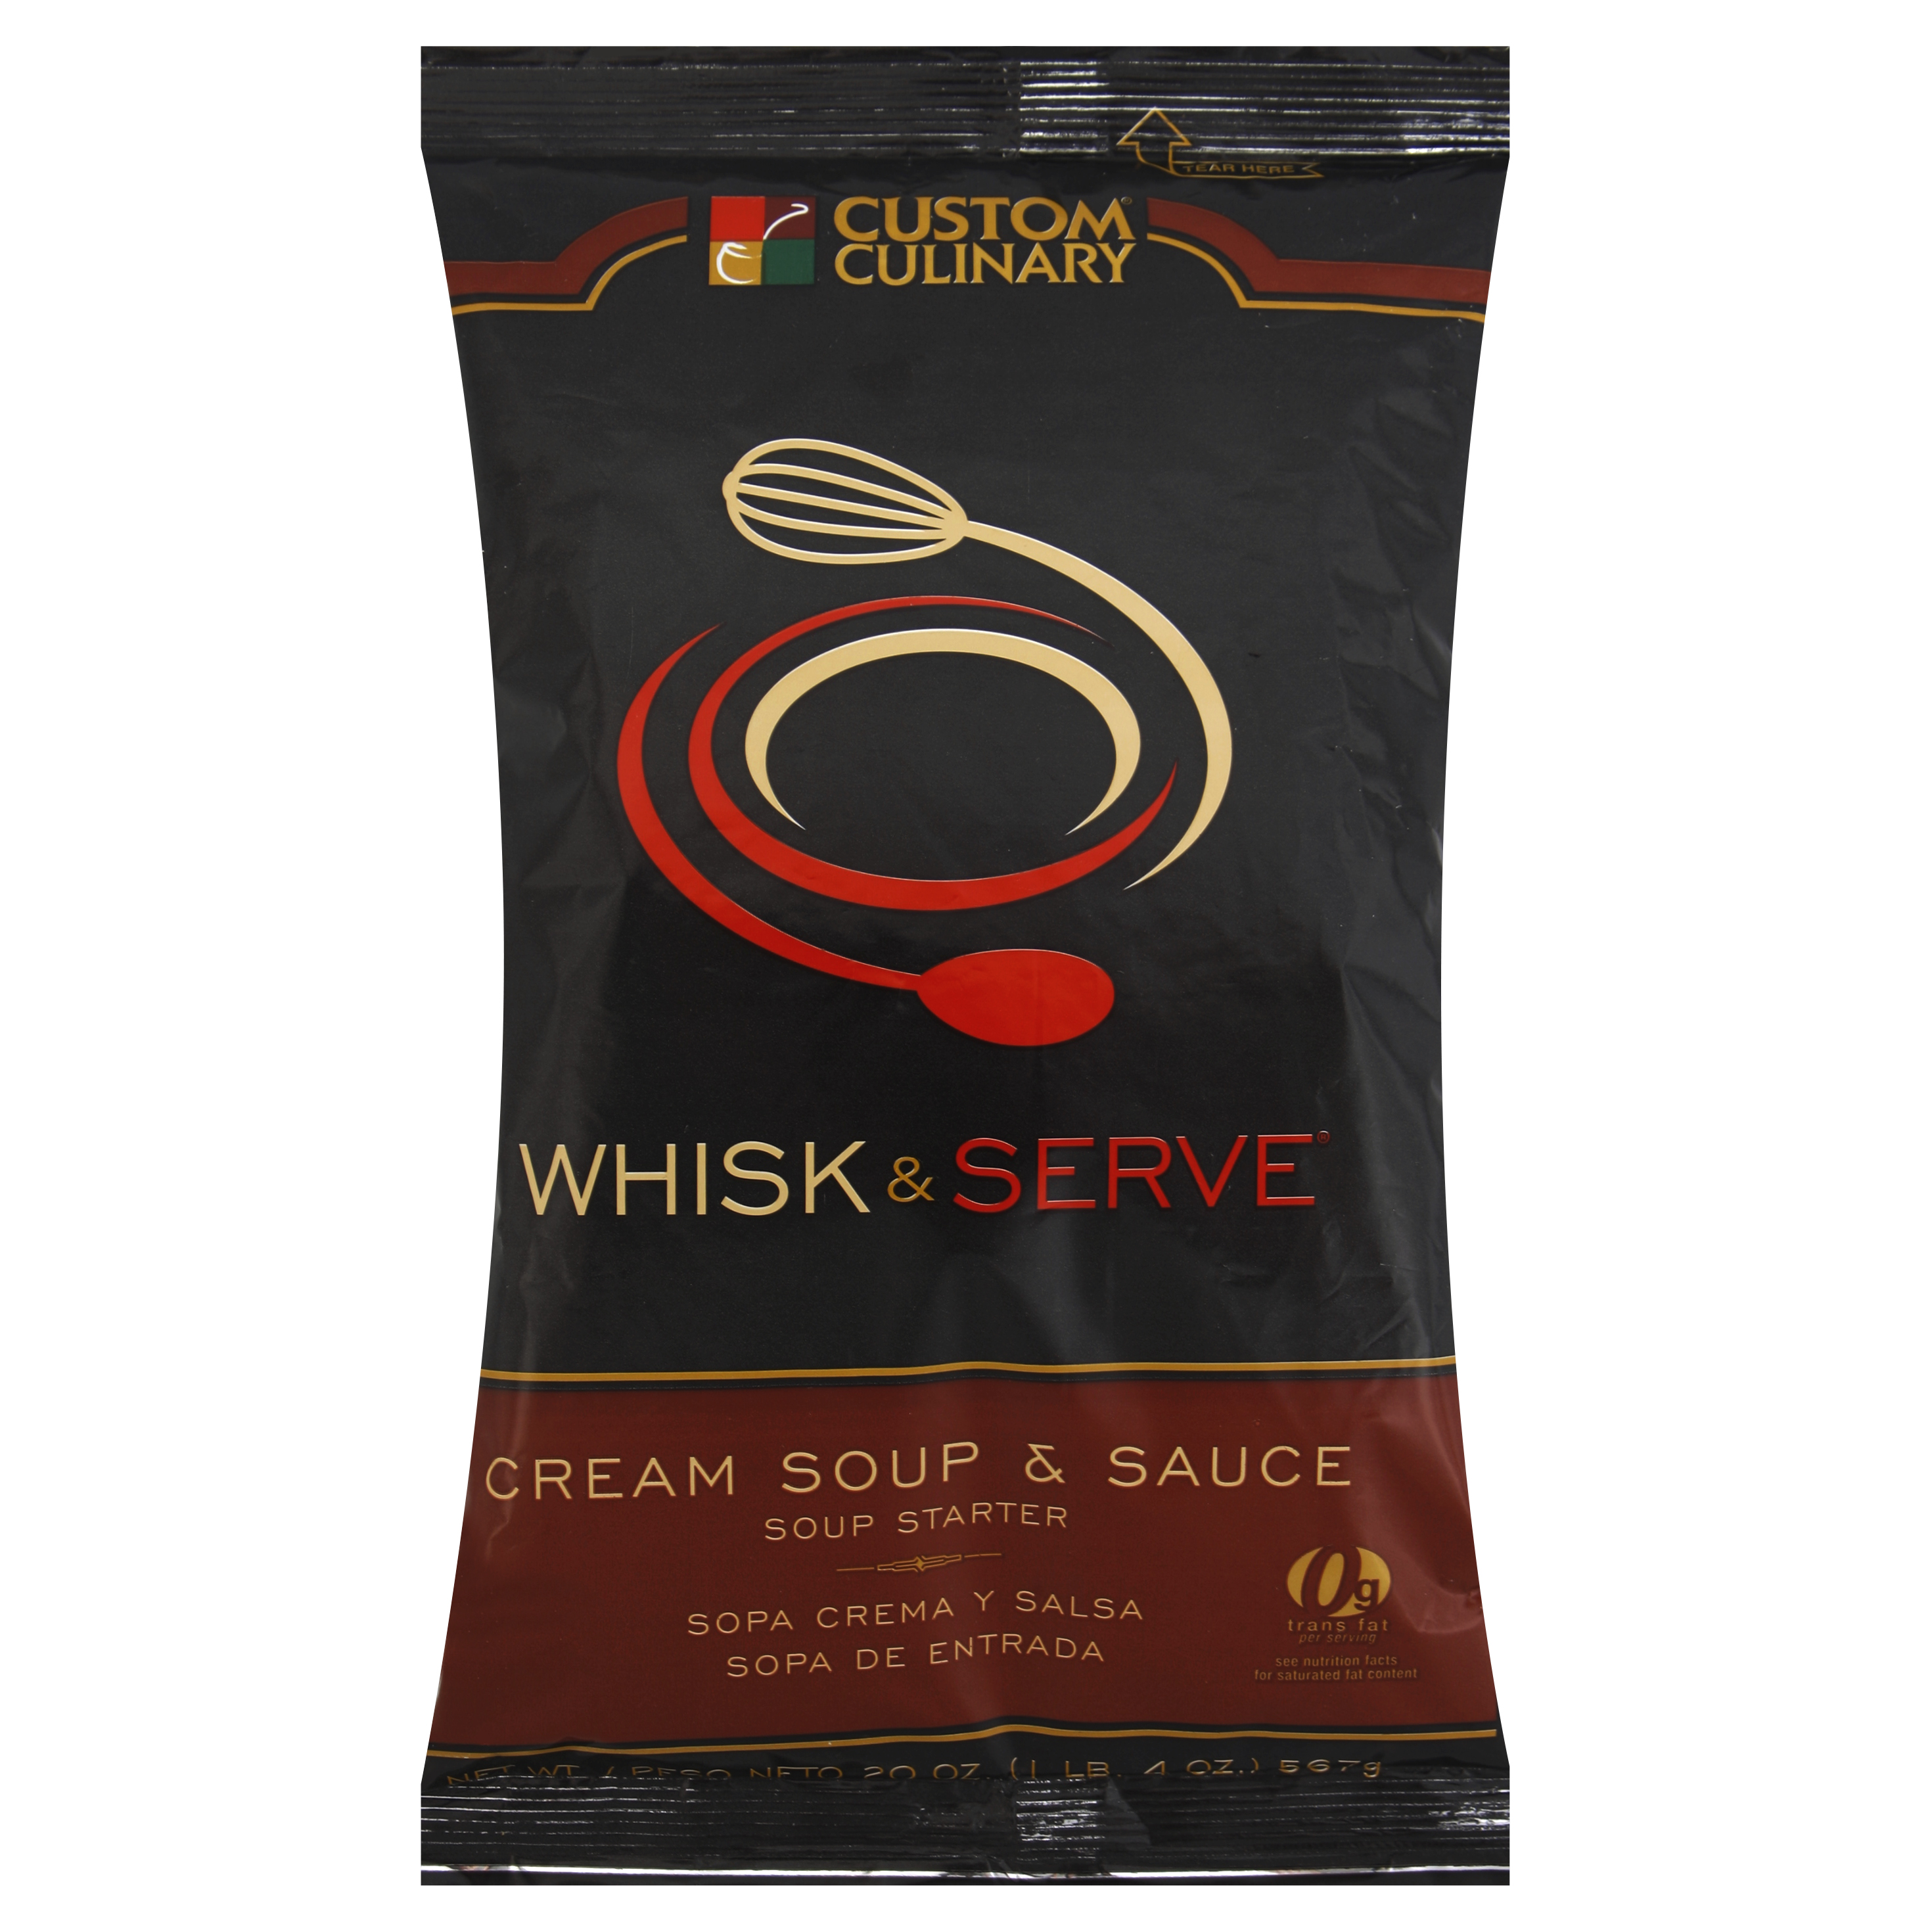 1285 - Whisk & Serve Cream Soup Sauce Starter